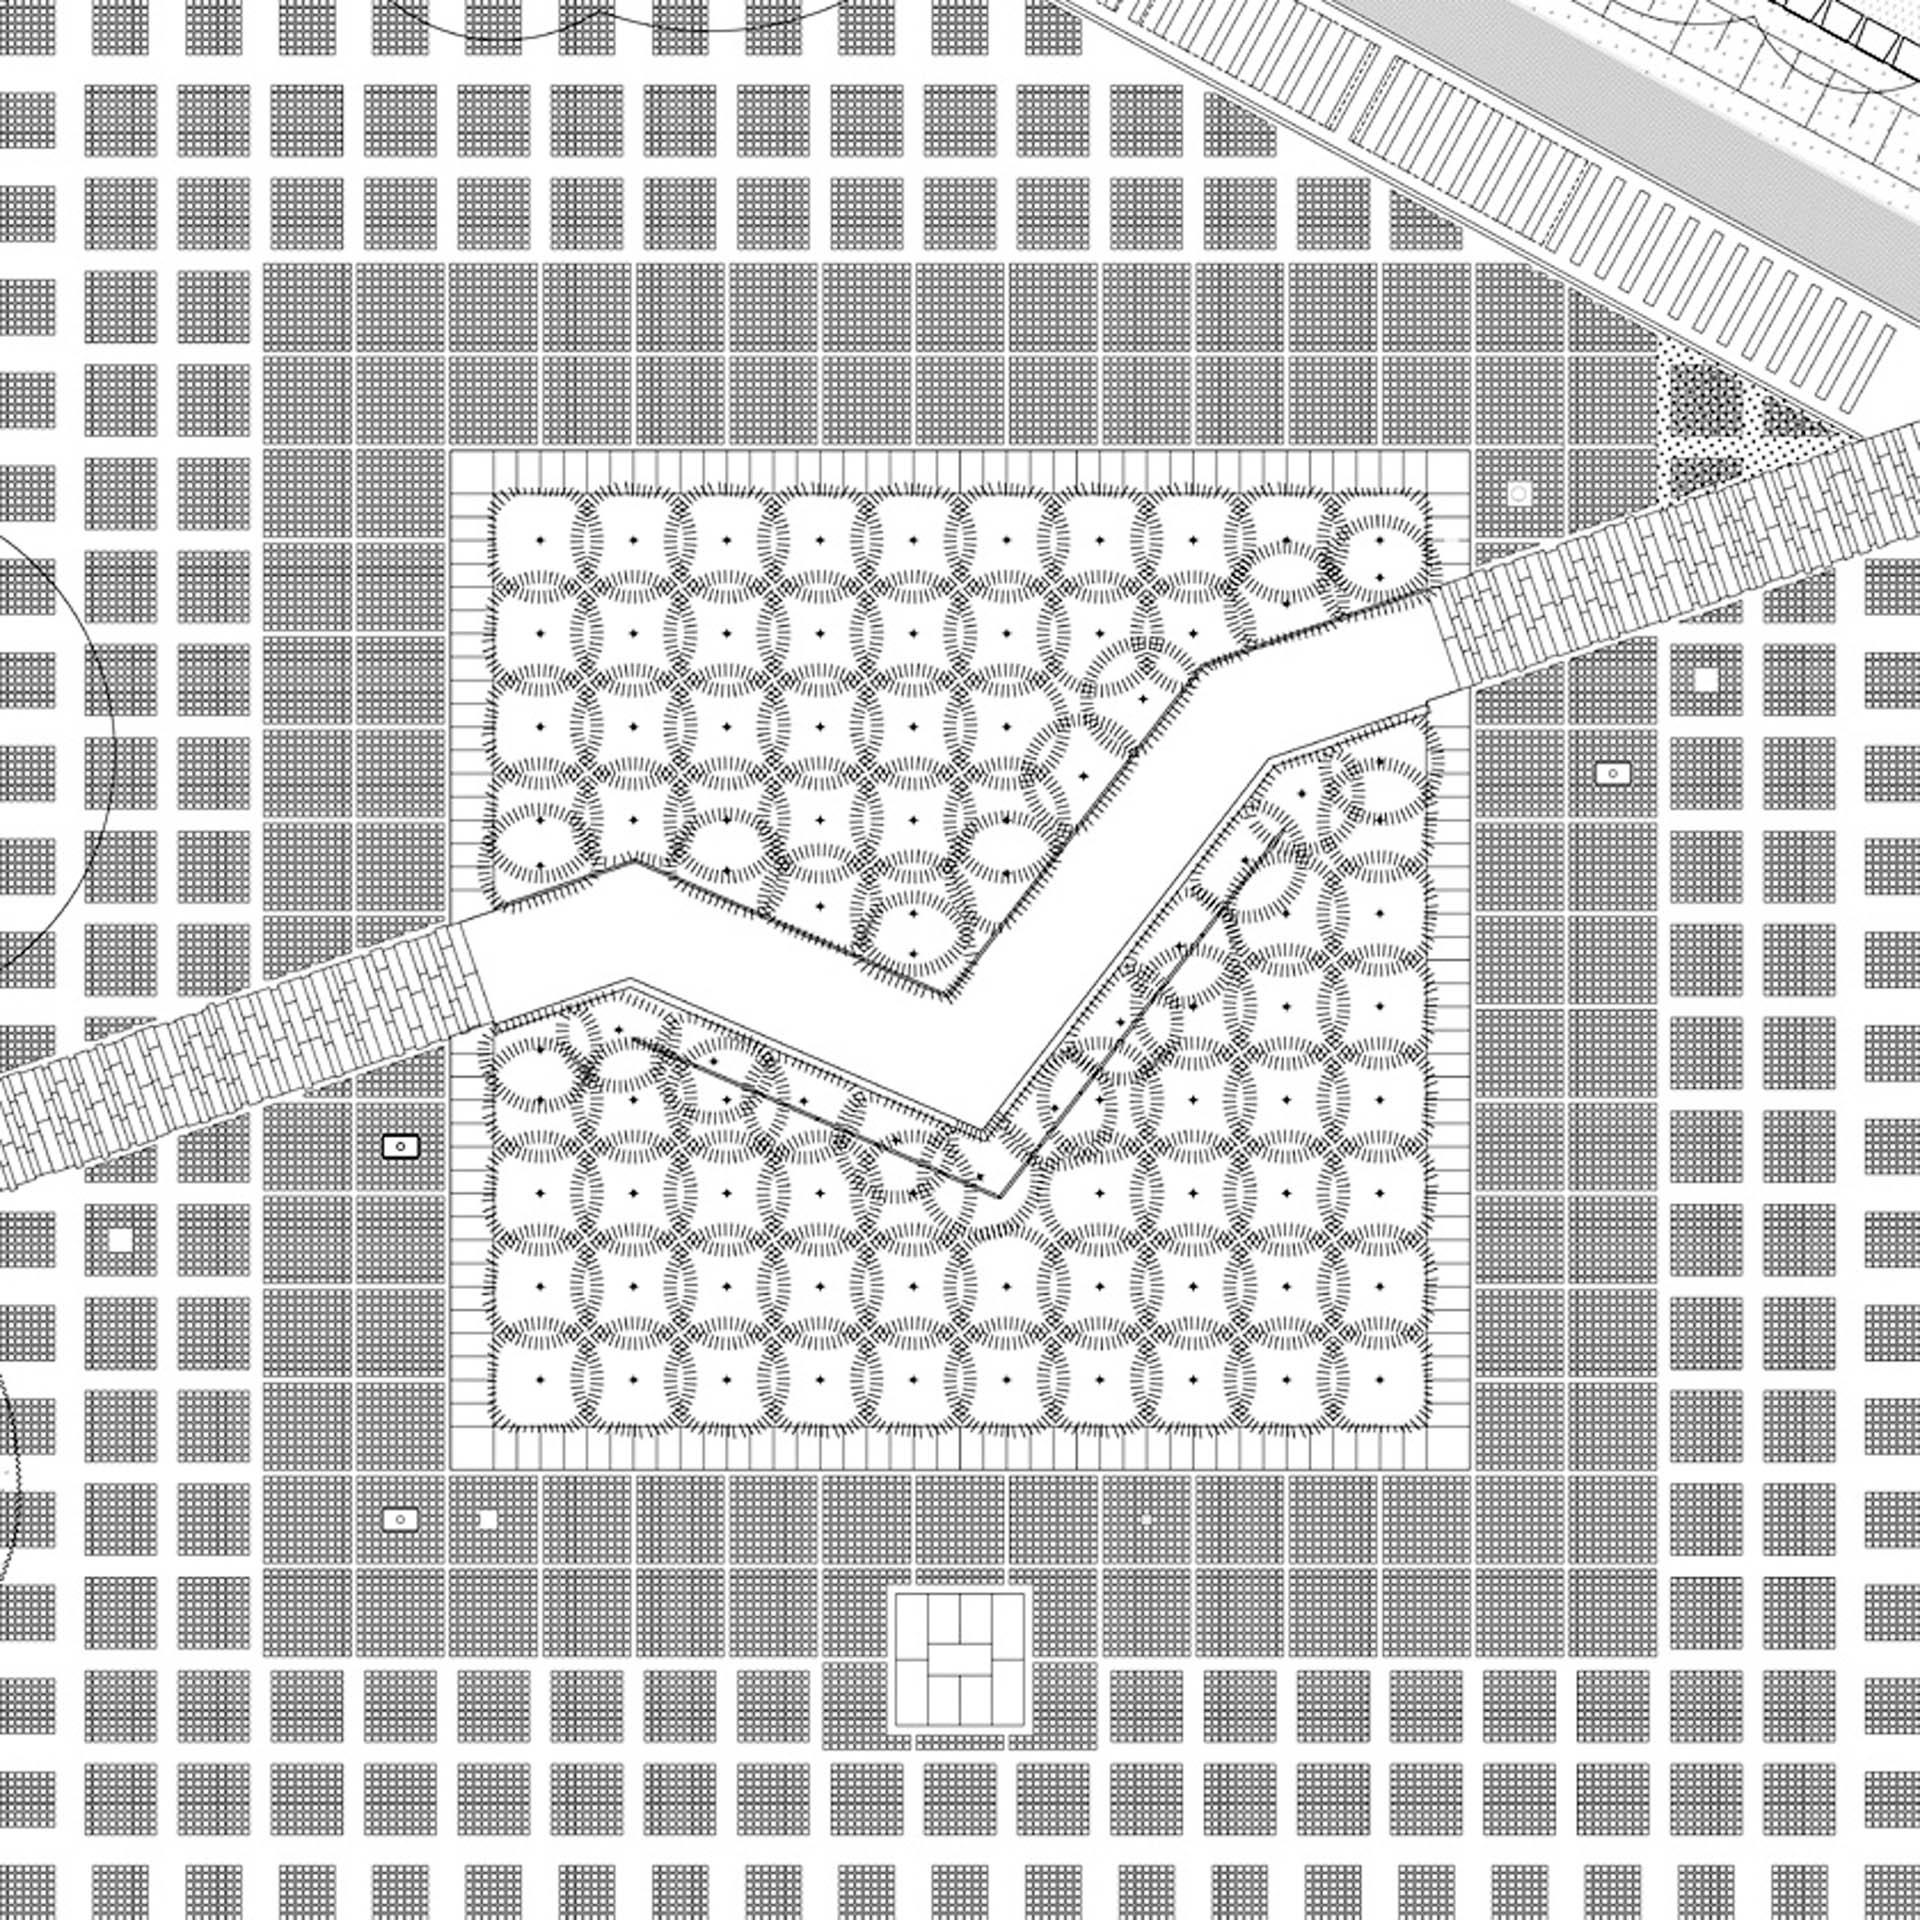 rzut symbolicznego Lasu Katyńskiego na placu apelowym